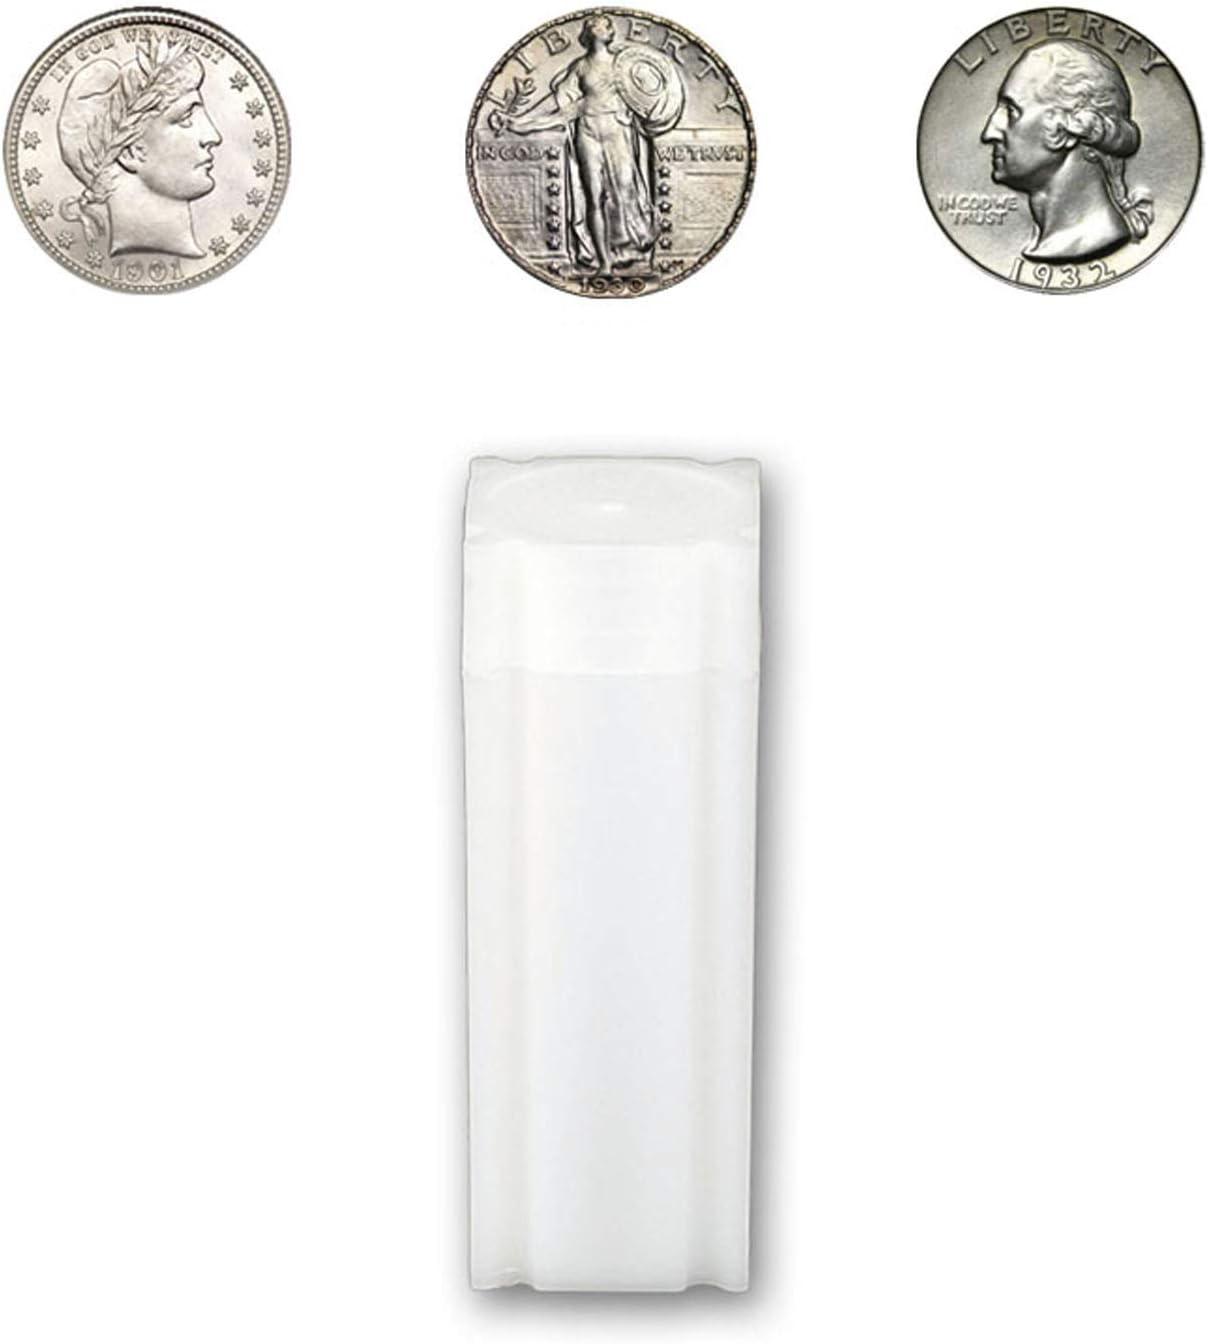 Coin Supplies 5 CoinSafe HALF DOLLAR Square Coin Tube